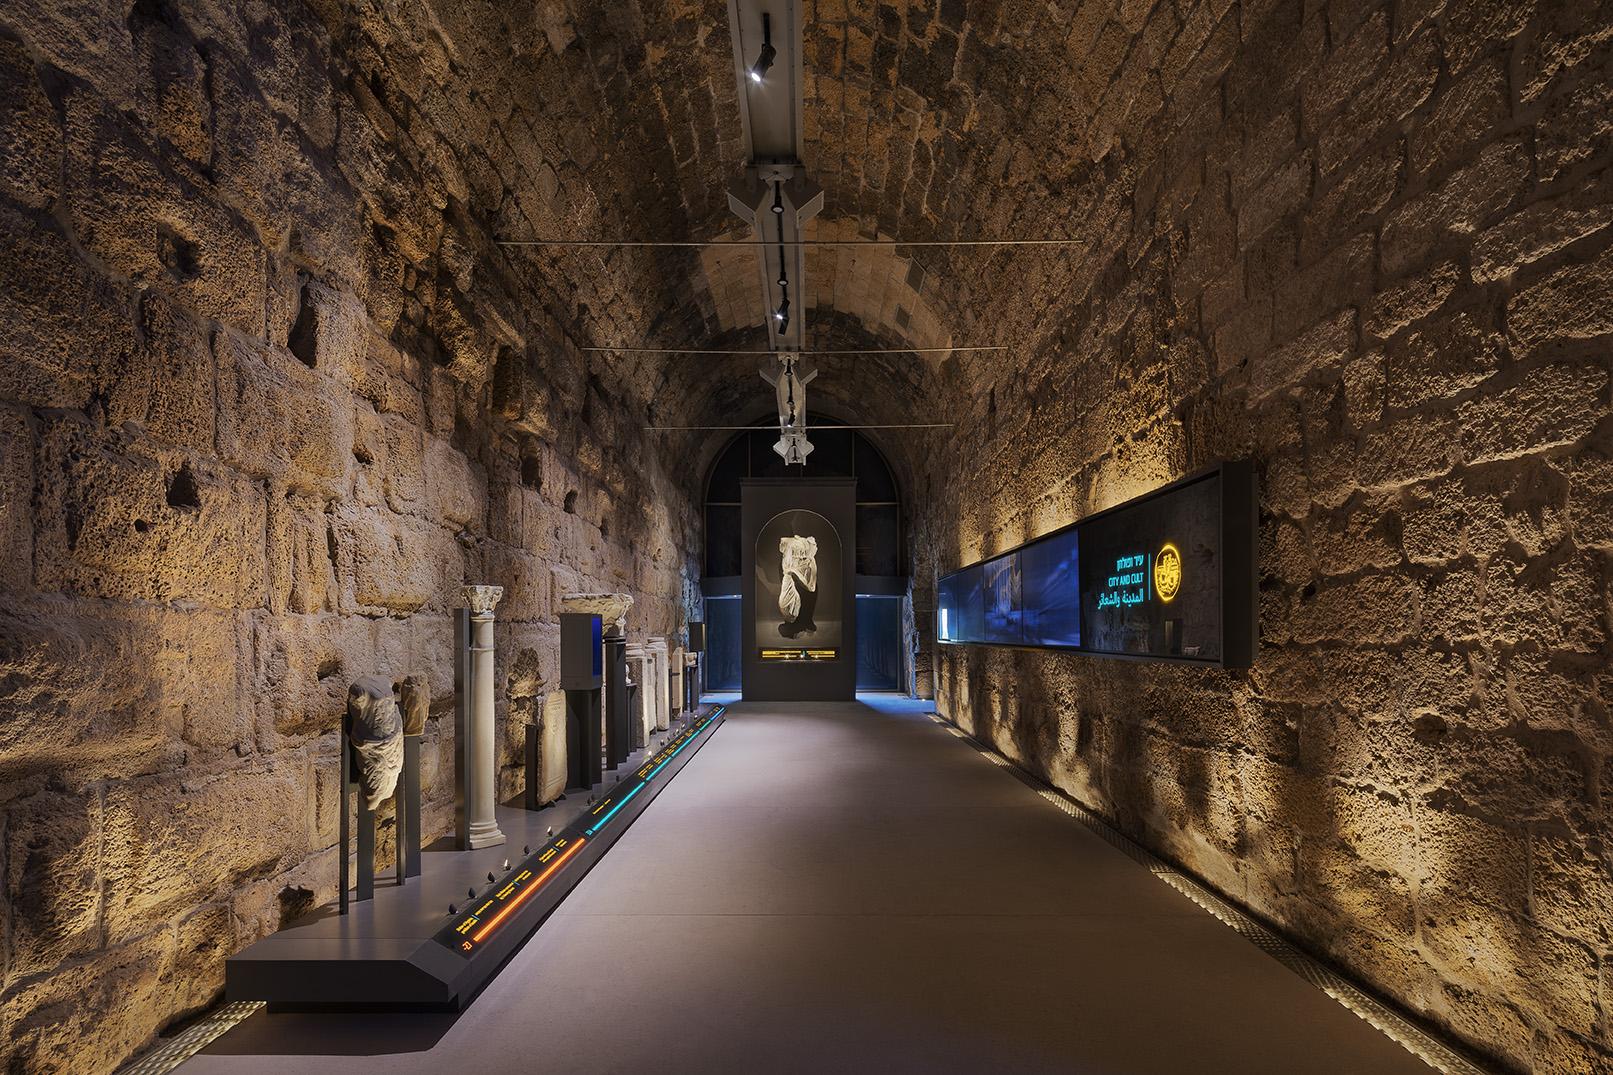 מרכז המבקרים קמרונות נמל קיסריה 4 צילום אסף פינצ'וק